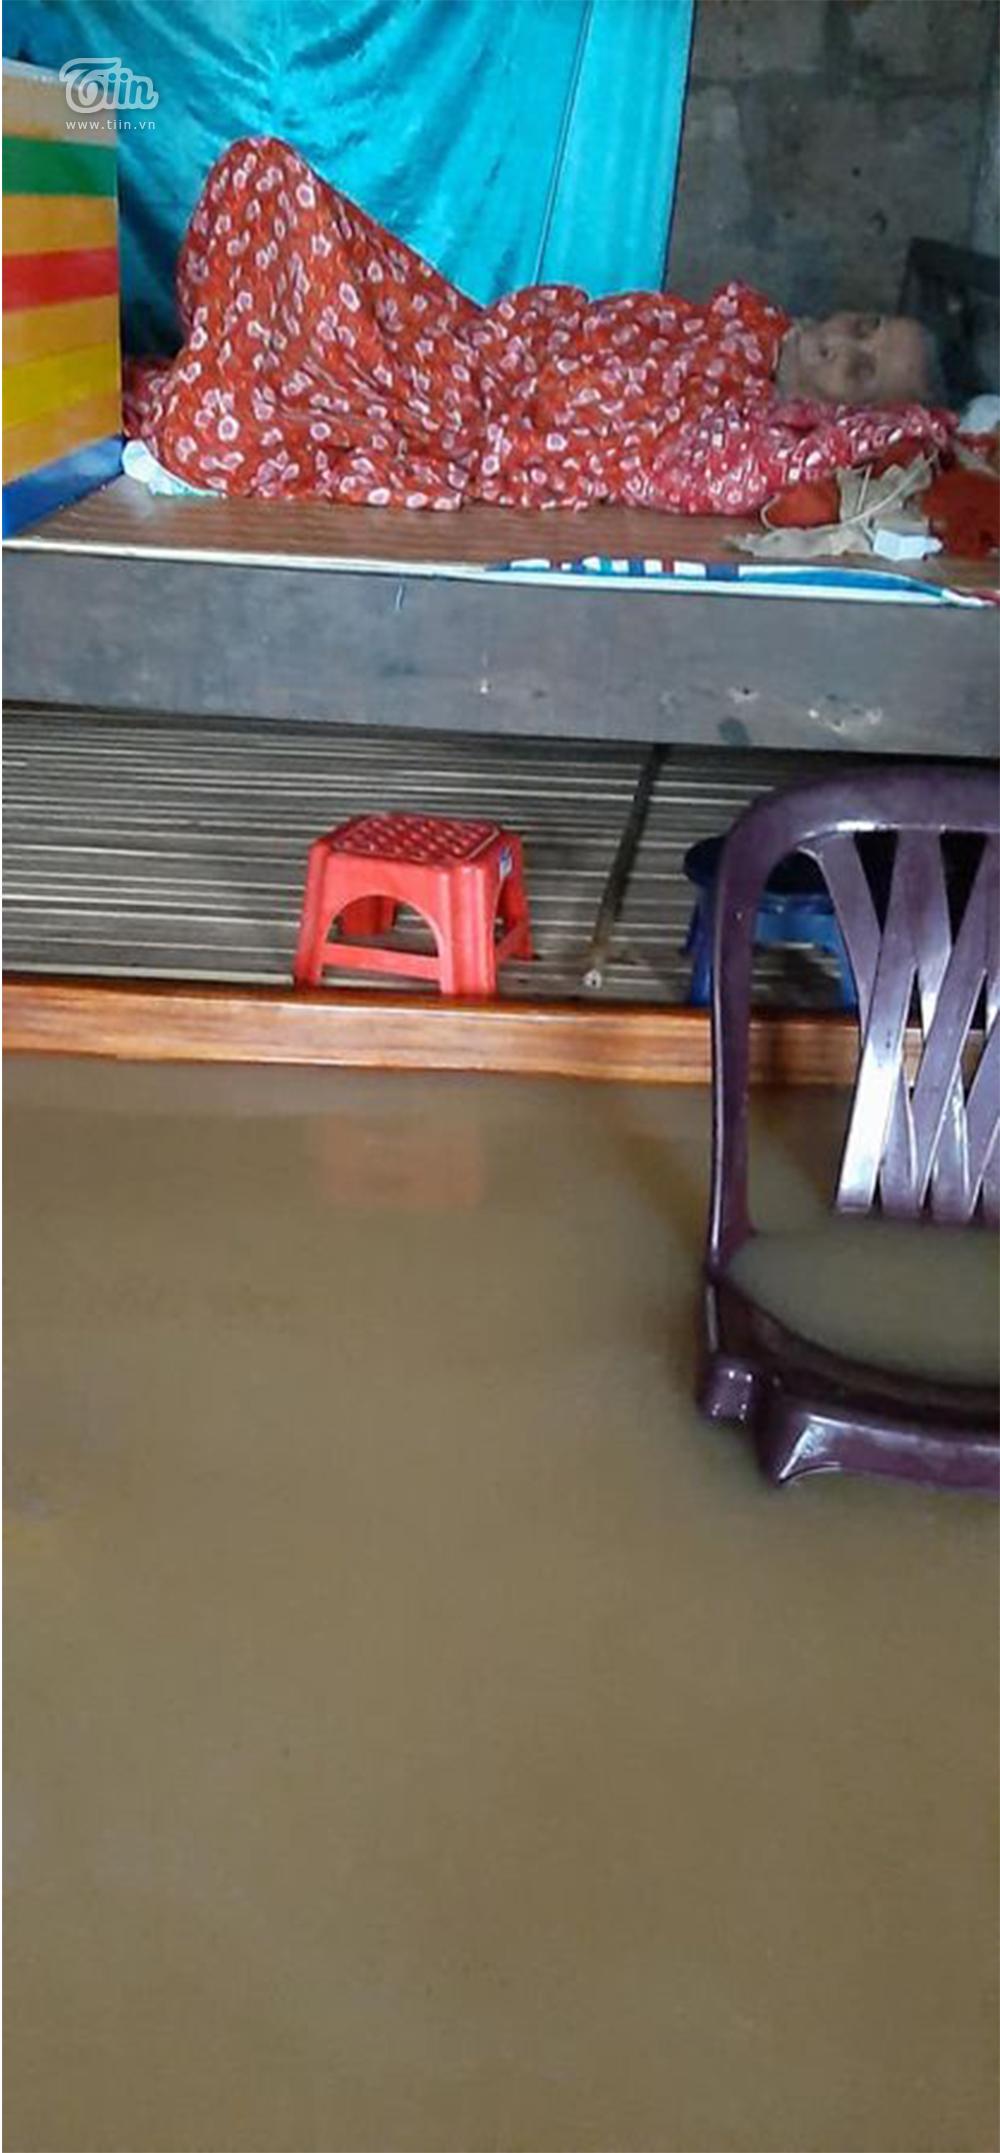 Mưa lũ miền Trung gây ngập nặng: Mong trời đừng mưa nữa, nhà mệ ngập hết rồi-2